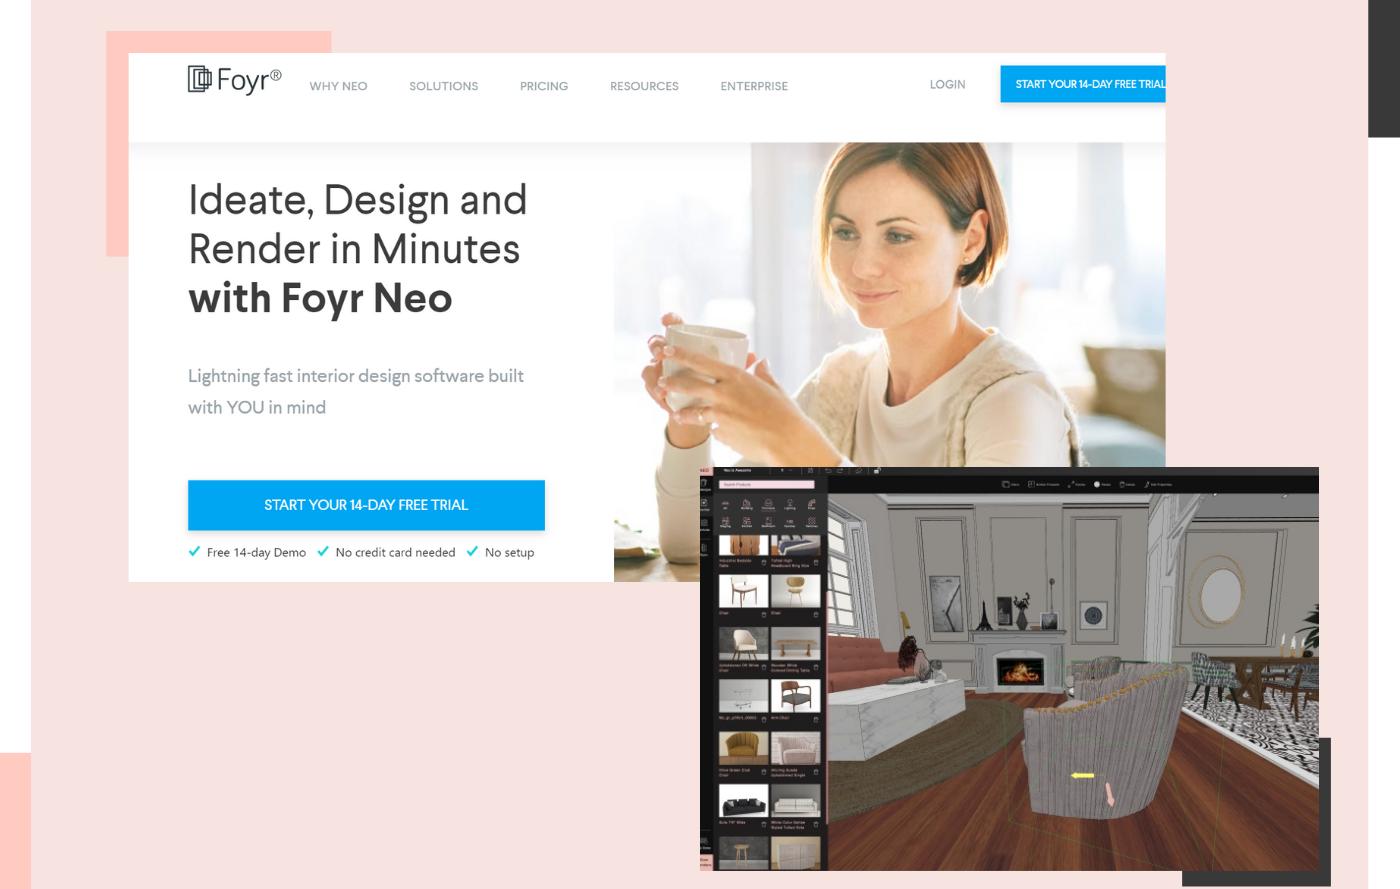 Foyr website